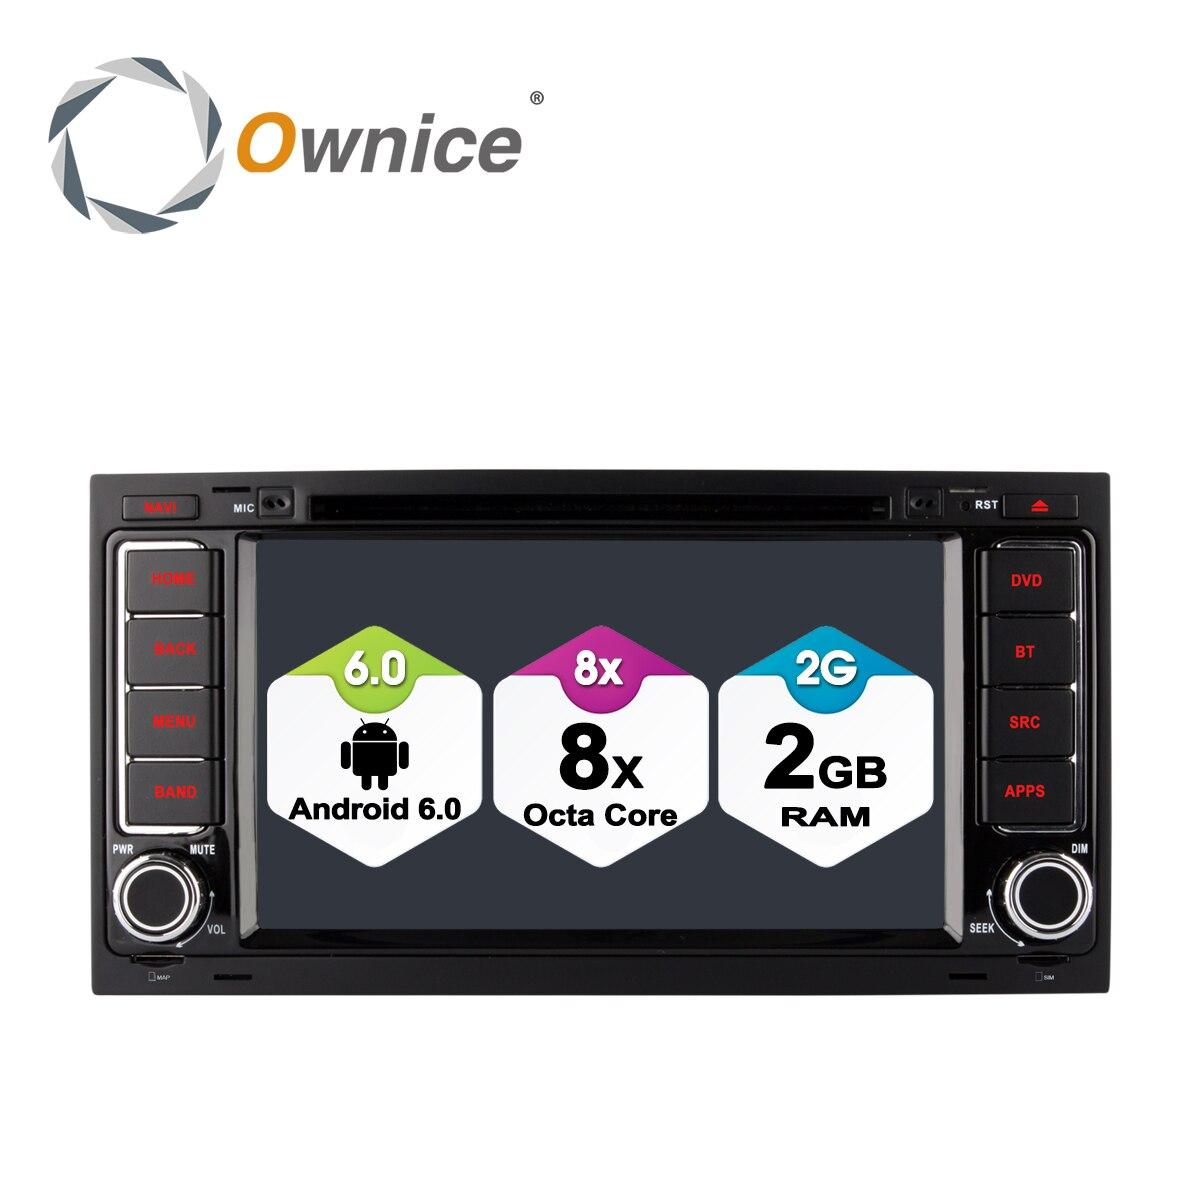 Ownice C500 Android 6.0 Octa Core 32g R0M Voiture Lecteur DVD pour Volkswagen Touareg T5 Multivan Transporter GPS Navi 4g LTE Réseau